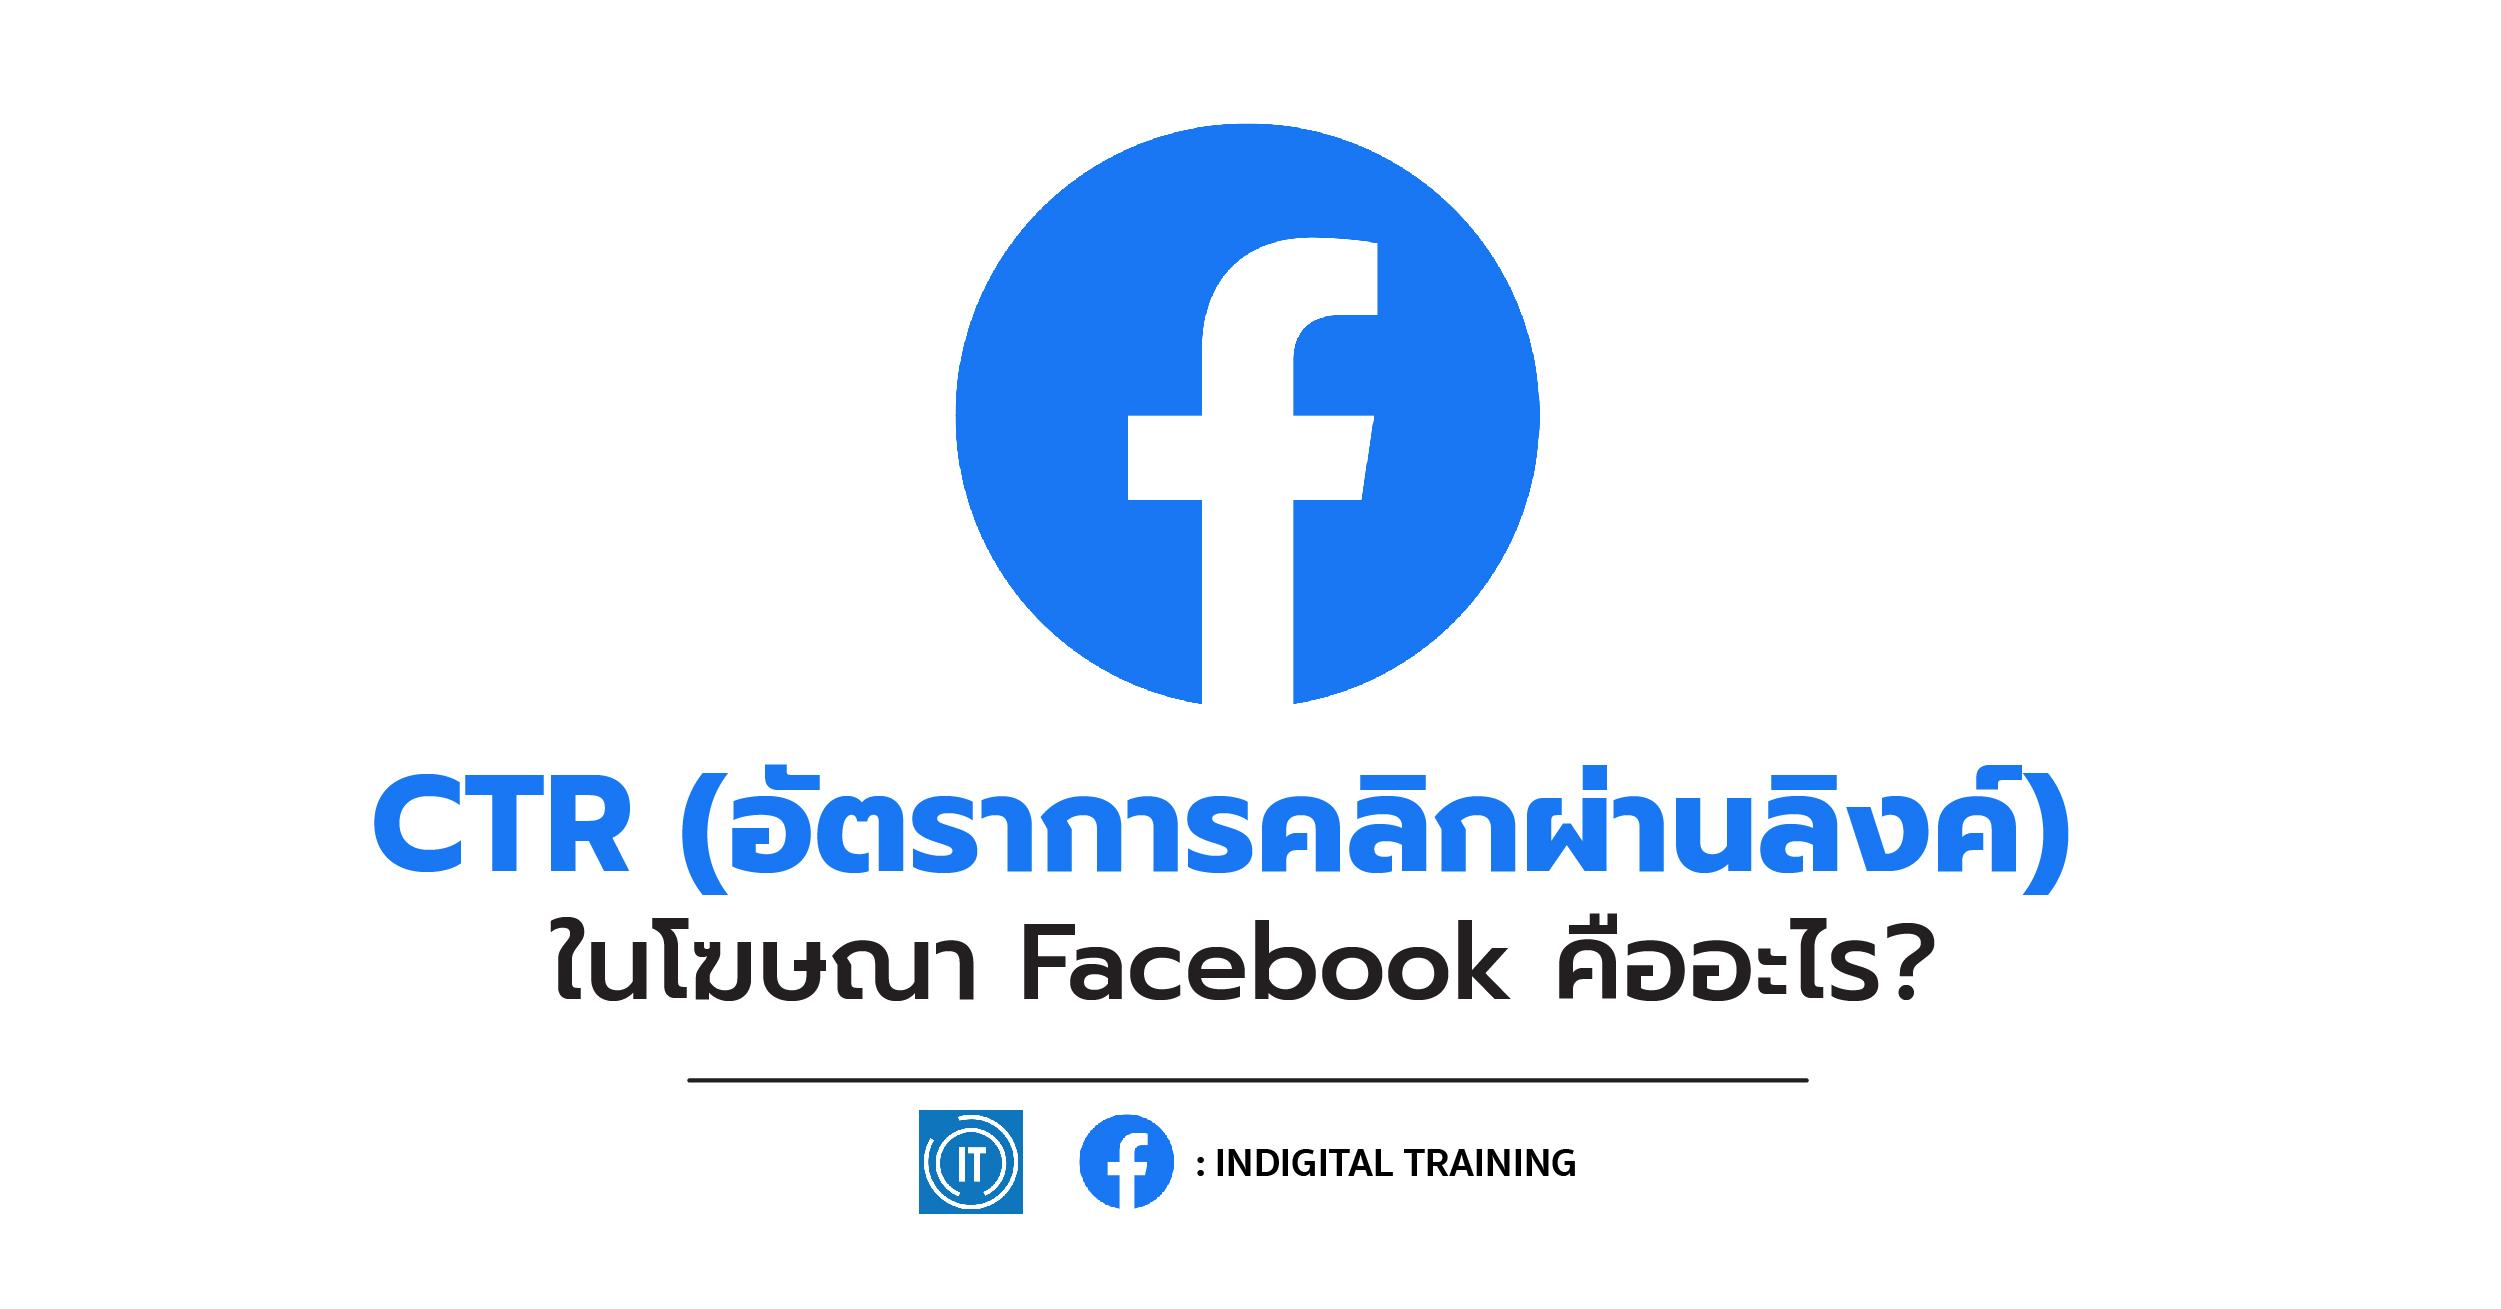 CTR ที่ไม่ซ้ำกัน (อัตราการคลิกผ่านของลิงก์) ในโฆษณา Facebook คืออะไร?